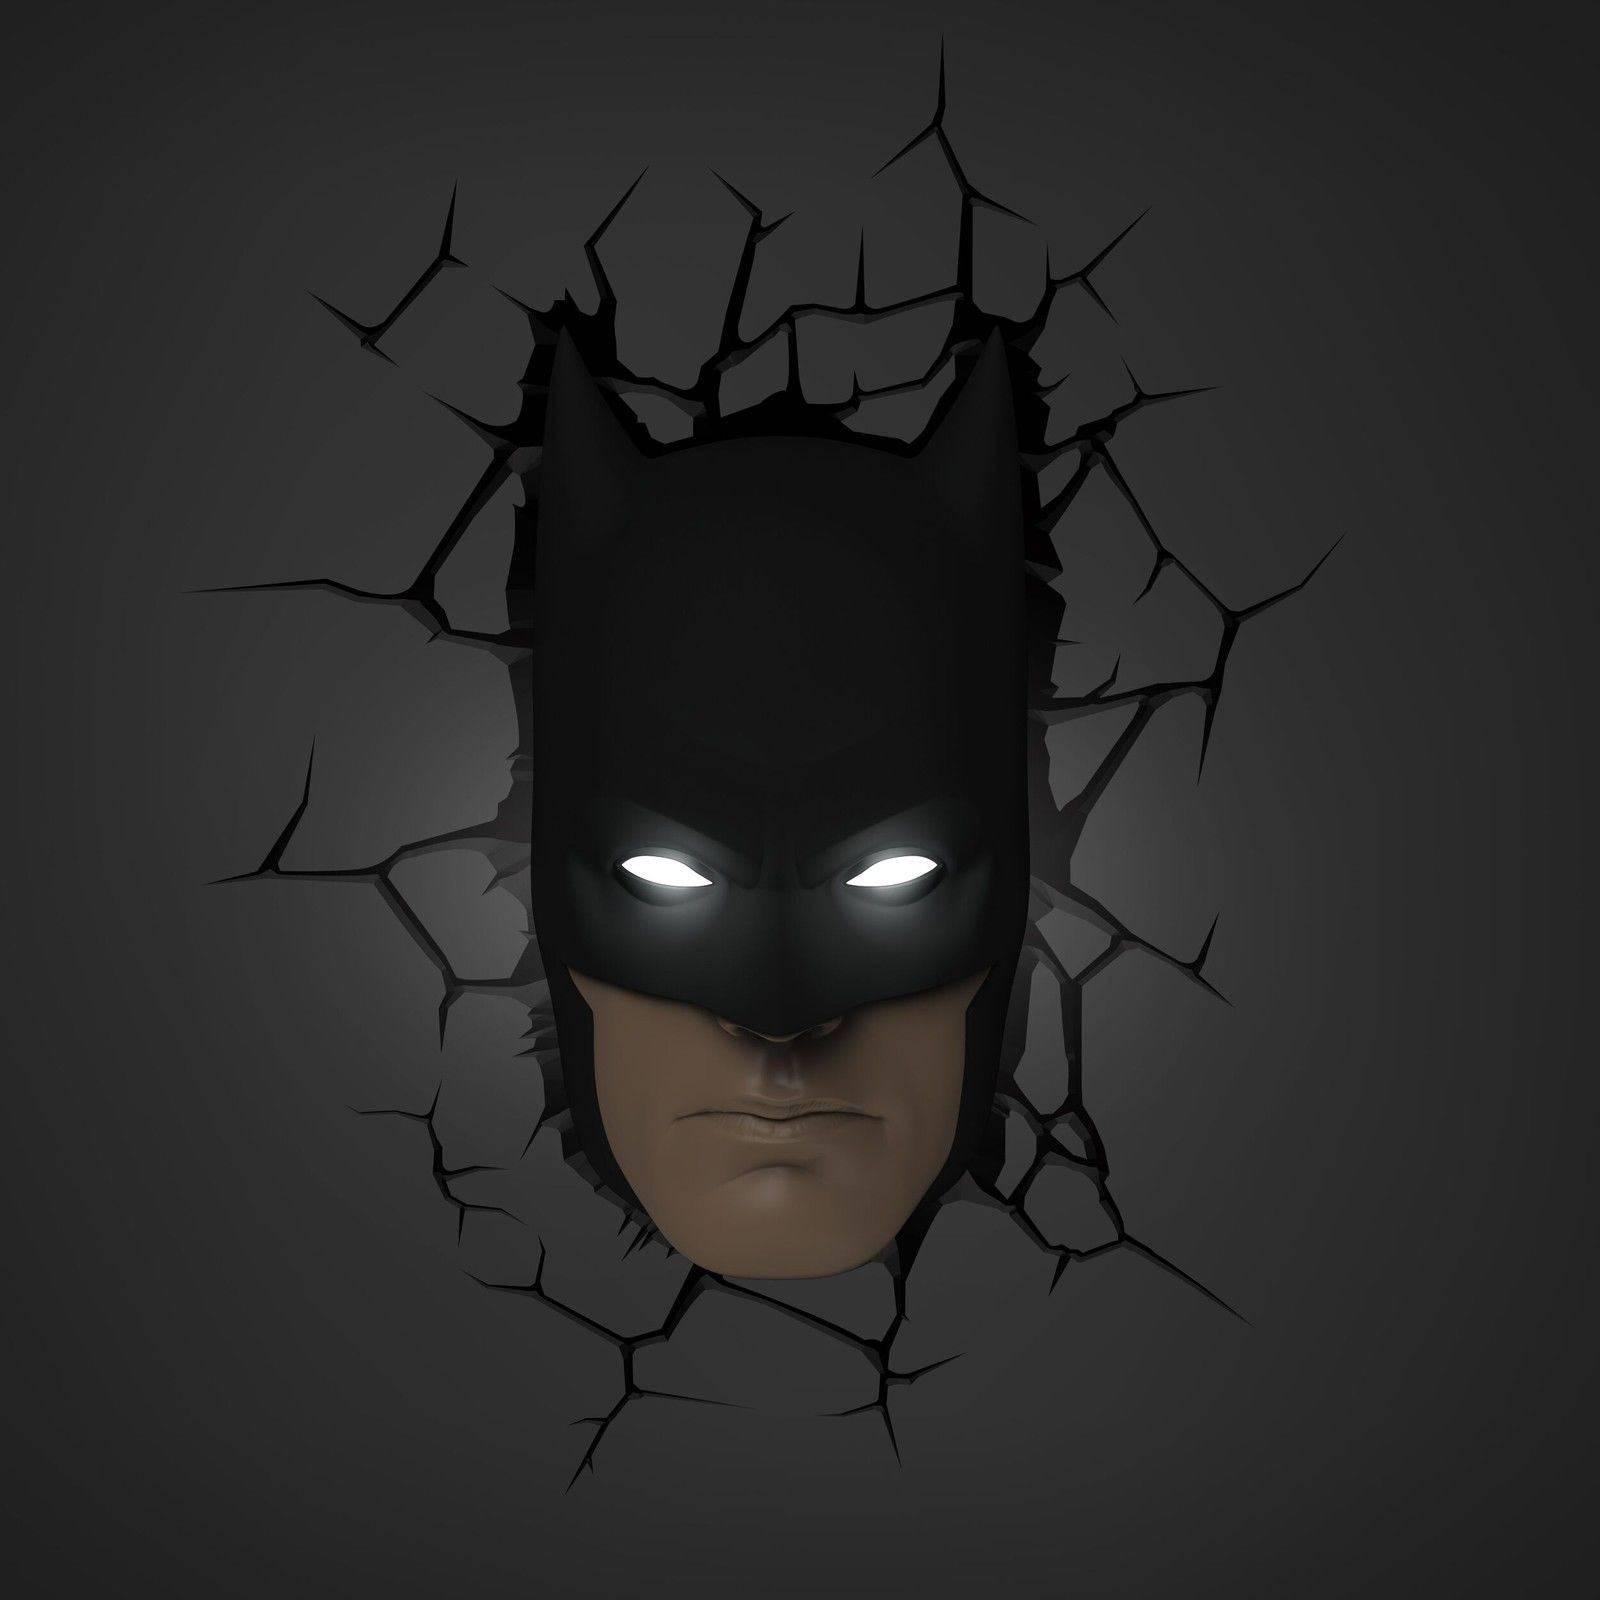 Batman Wall Art Light | Home Design Ideas With 2018 3D Wall Art With Lights (View 8 of 20)